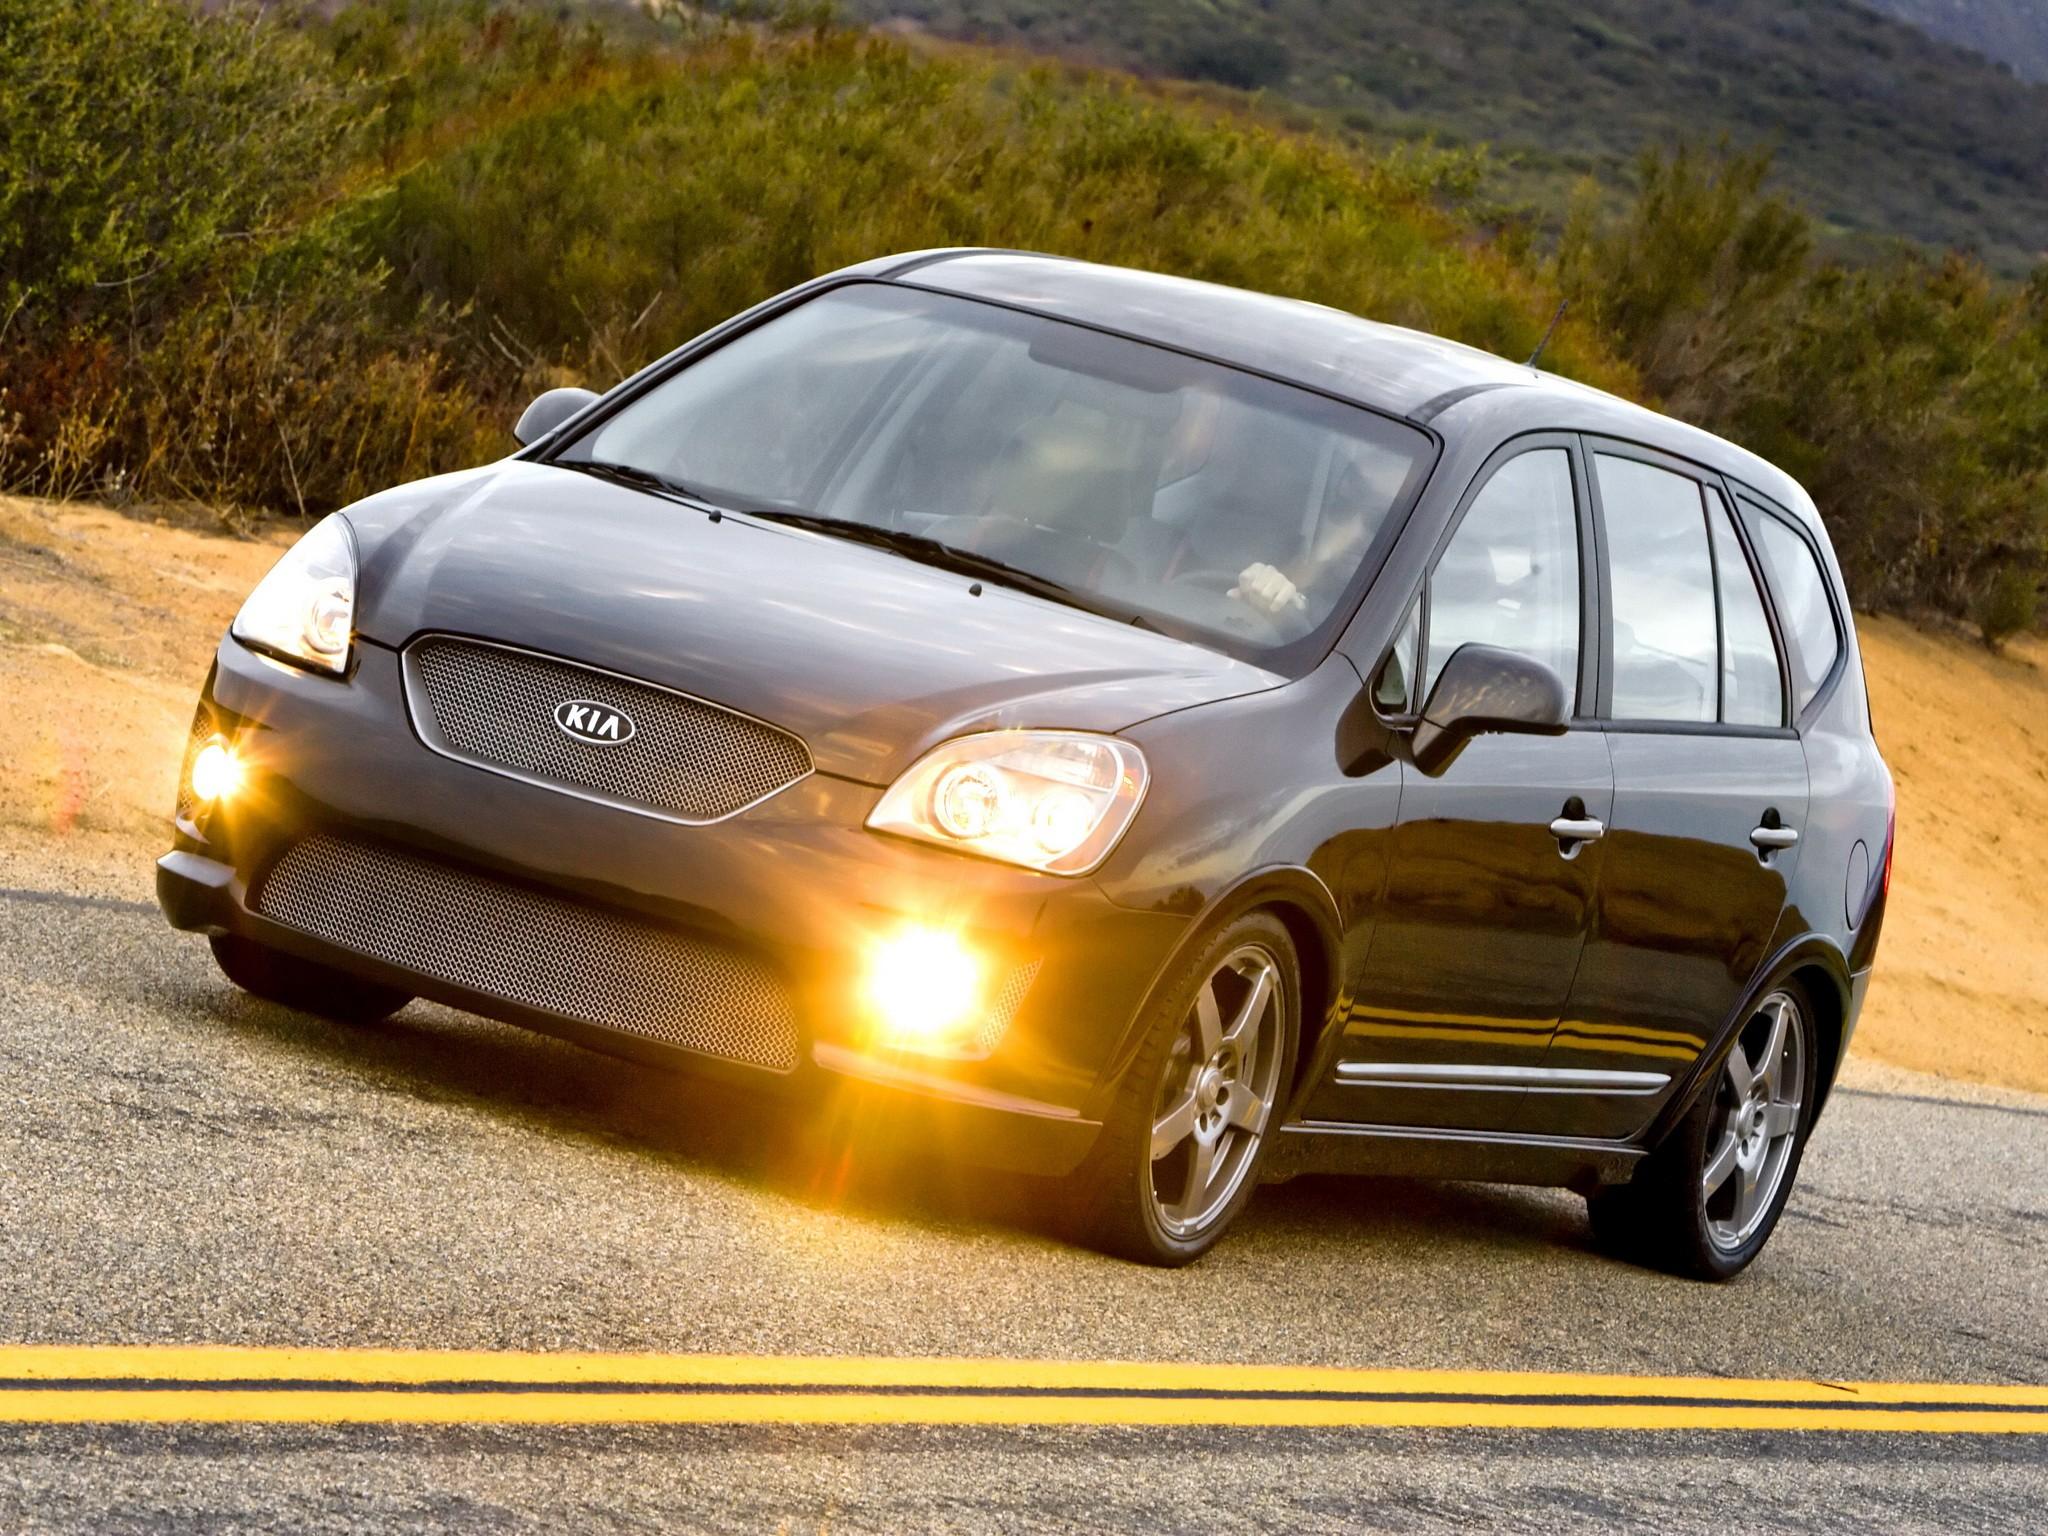 KIA Rondo - 2008, 2009, 2010, 2011, 2012, 2013 - autoevolution